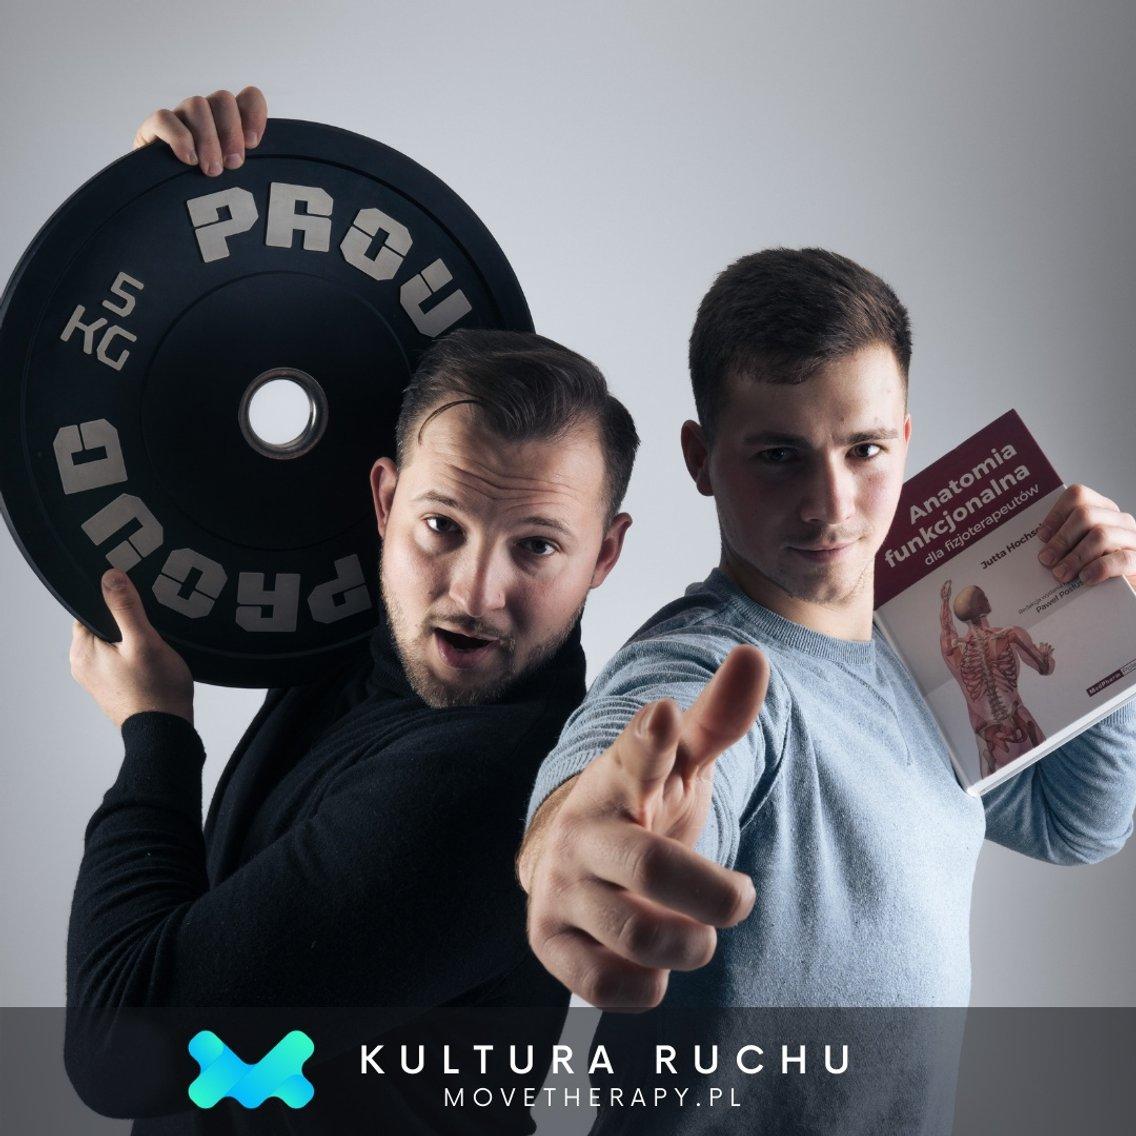 Kultura Ruchu - imagen de portada